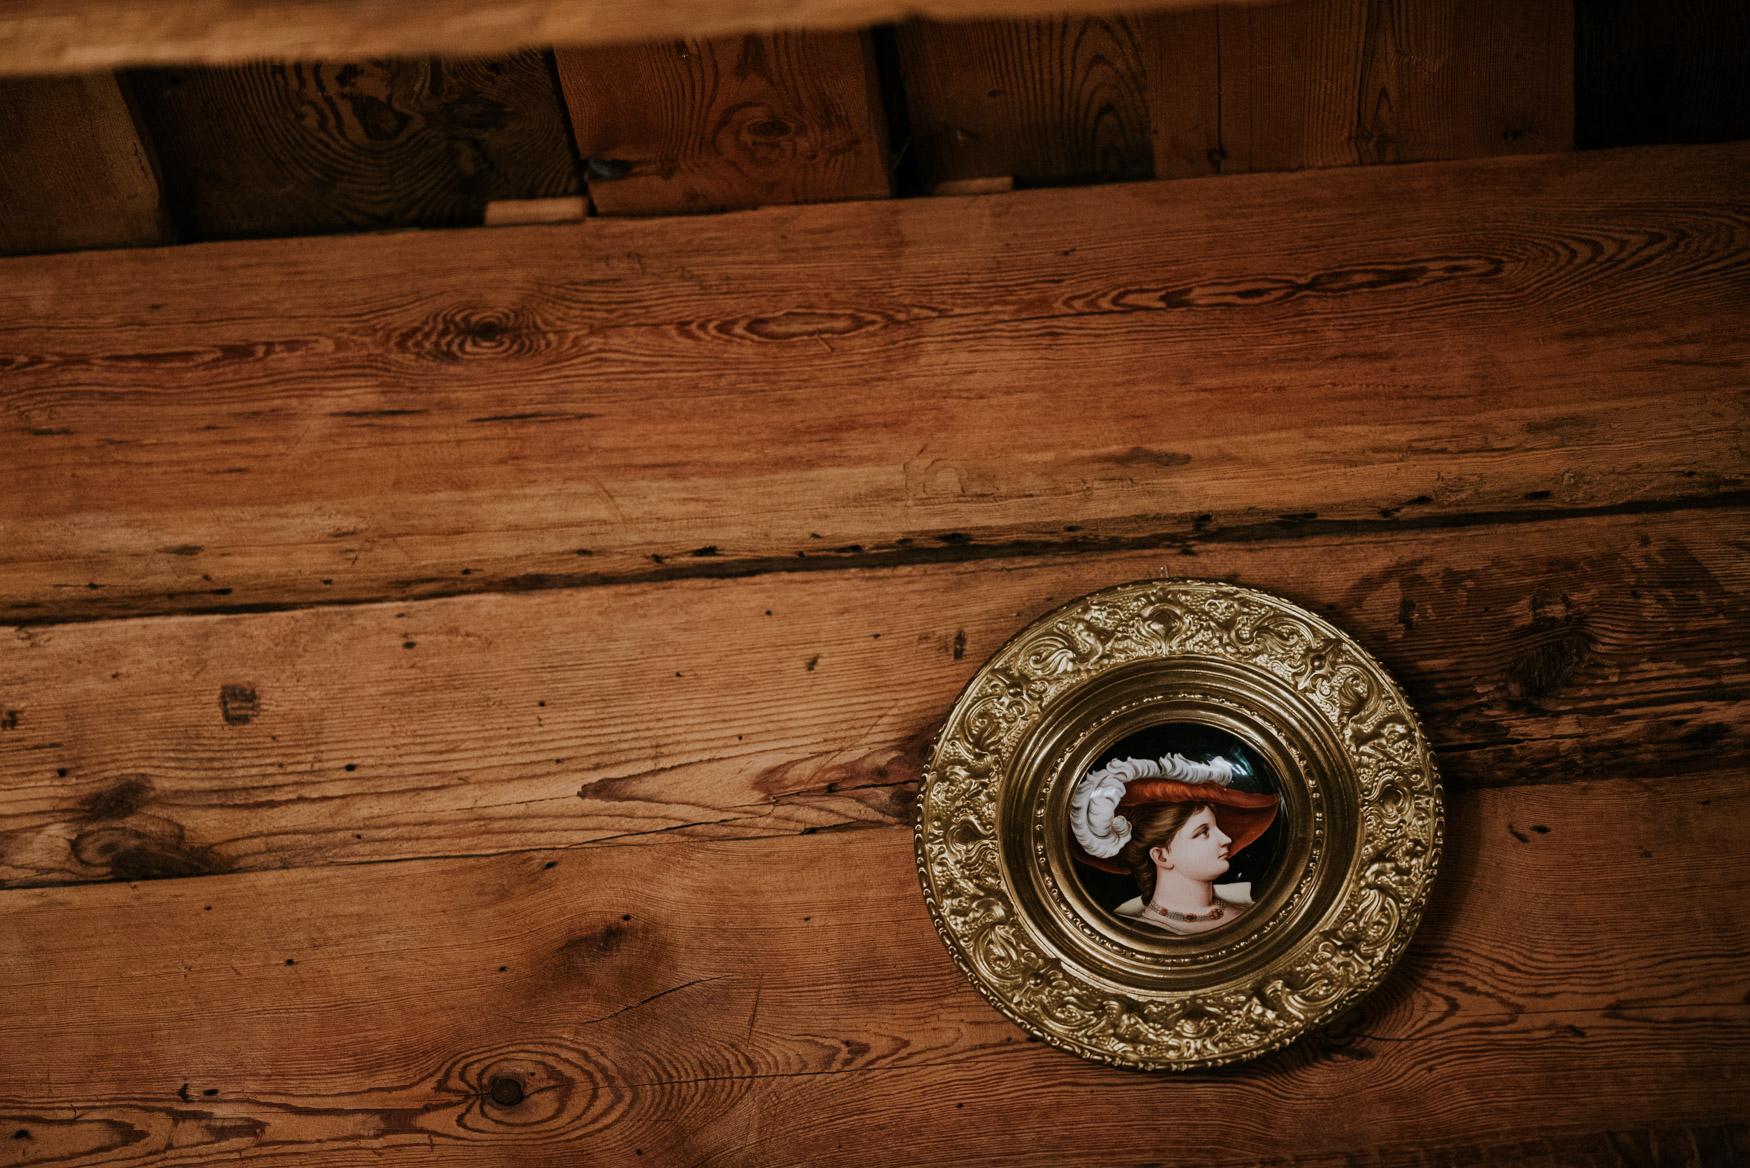 wiszące na ścianie stare malowidło przedstawiające szlachcica